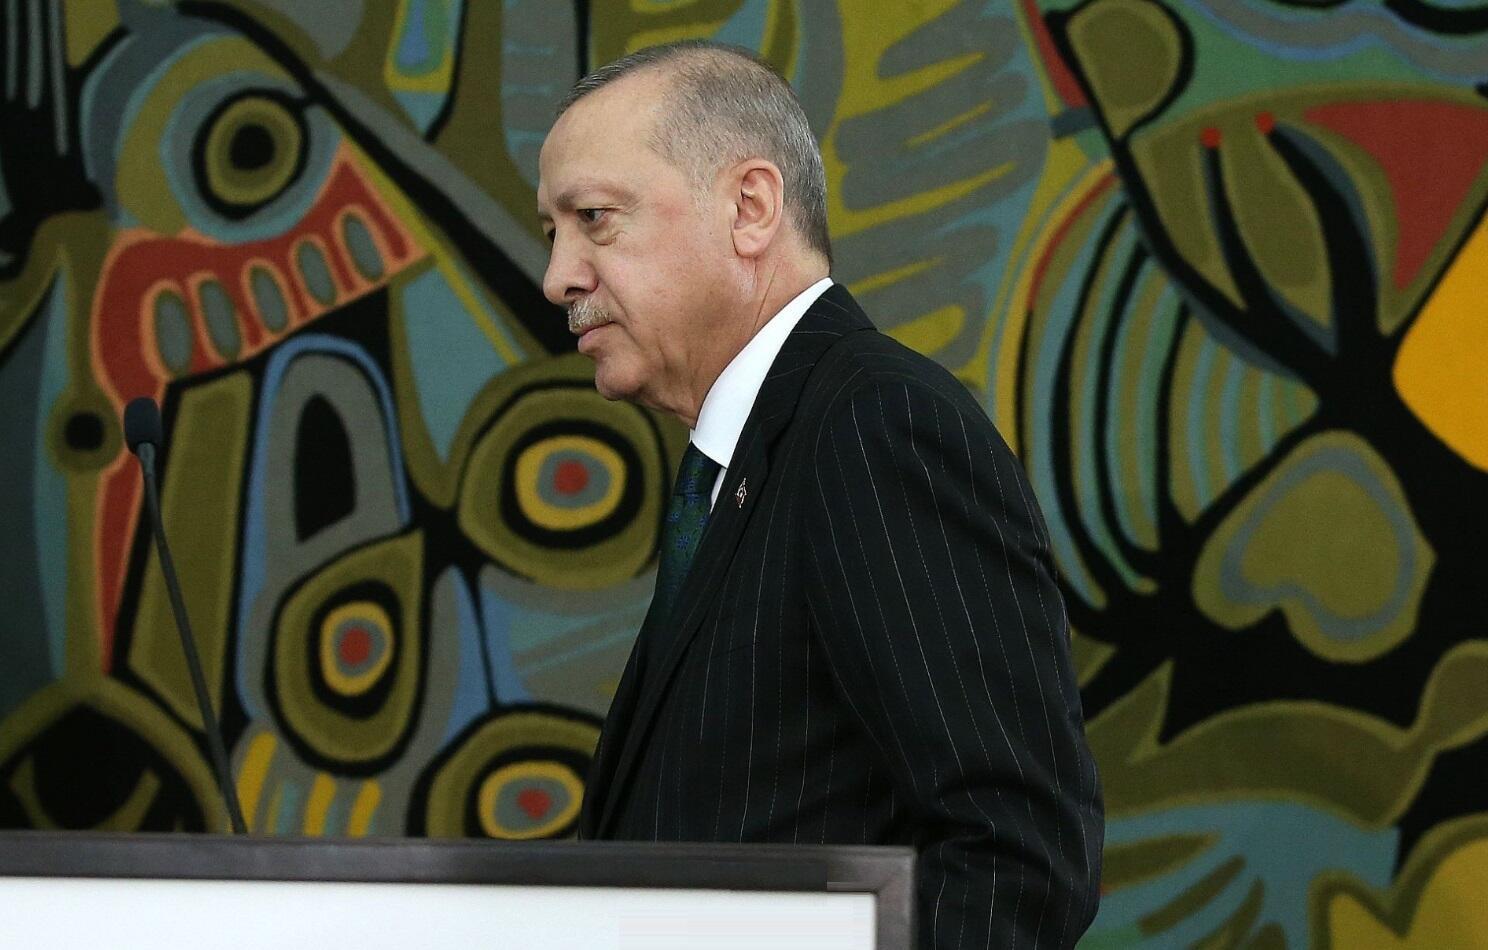 οηε ήττα τουρκίας δίκαιο θάλασσας Βόρεια Μακεδονία Διαδοχή Ερντογάν: Ο αθέατος πόλεμος της Τουρκίας και η Ελλάδα Τουρκία: Ο γαμπρός Ερντογάν έφυγε, η τουρκική λίρα ανέβηκε